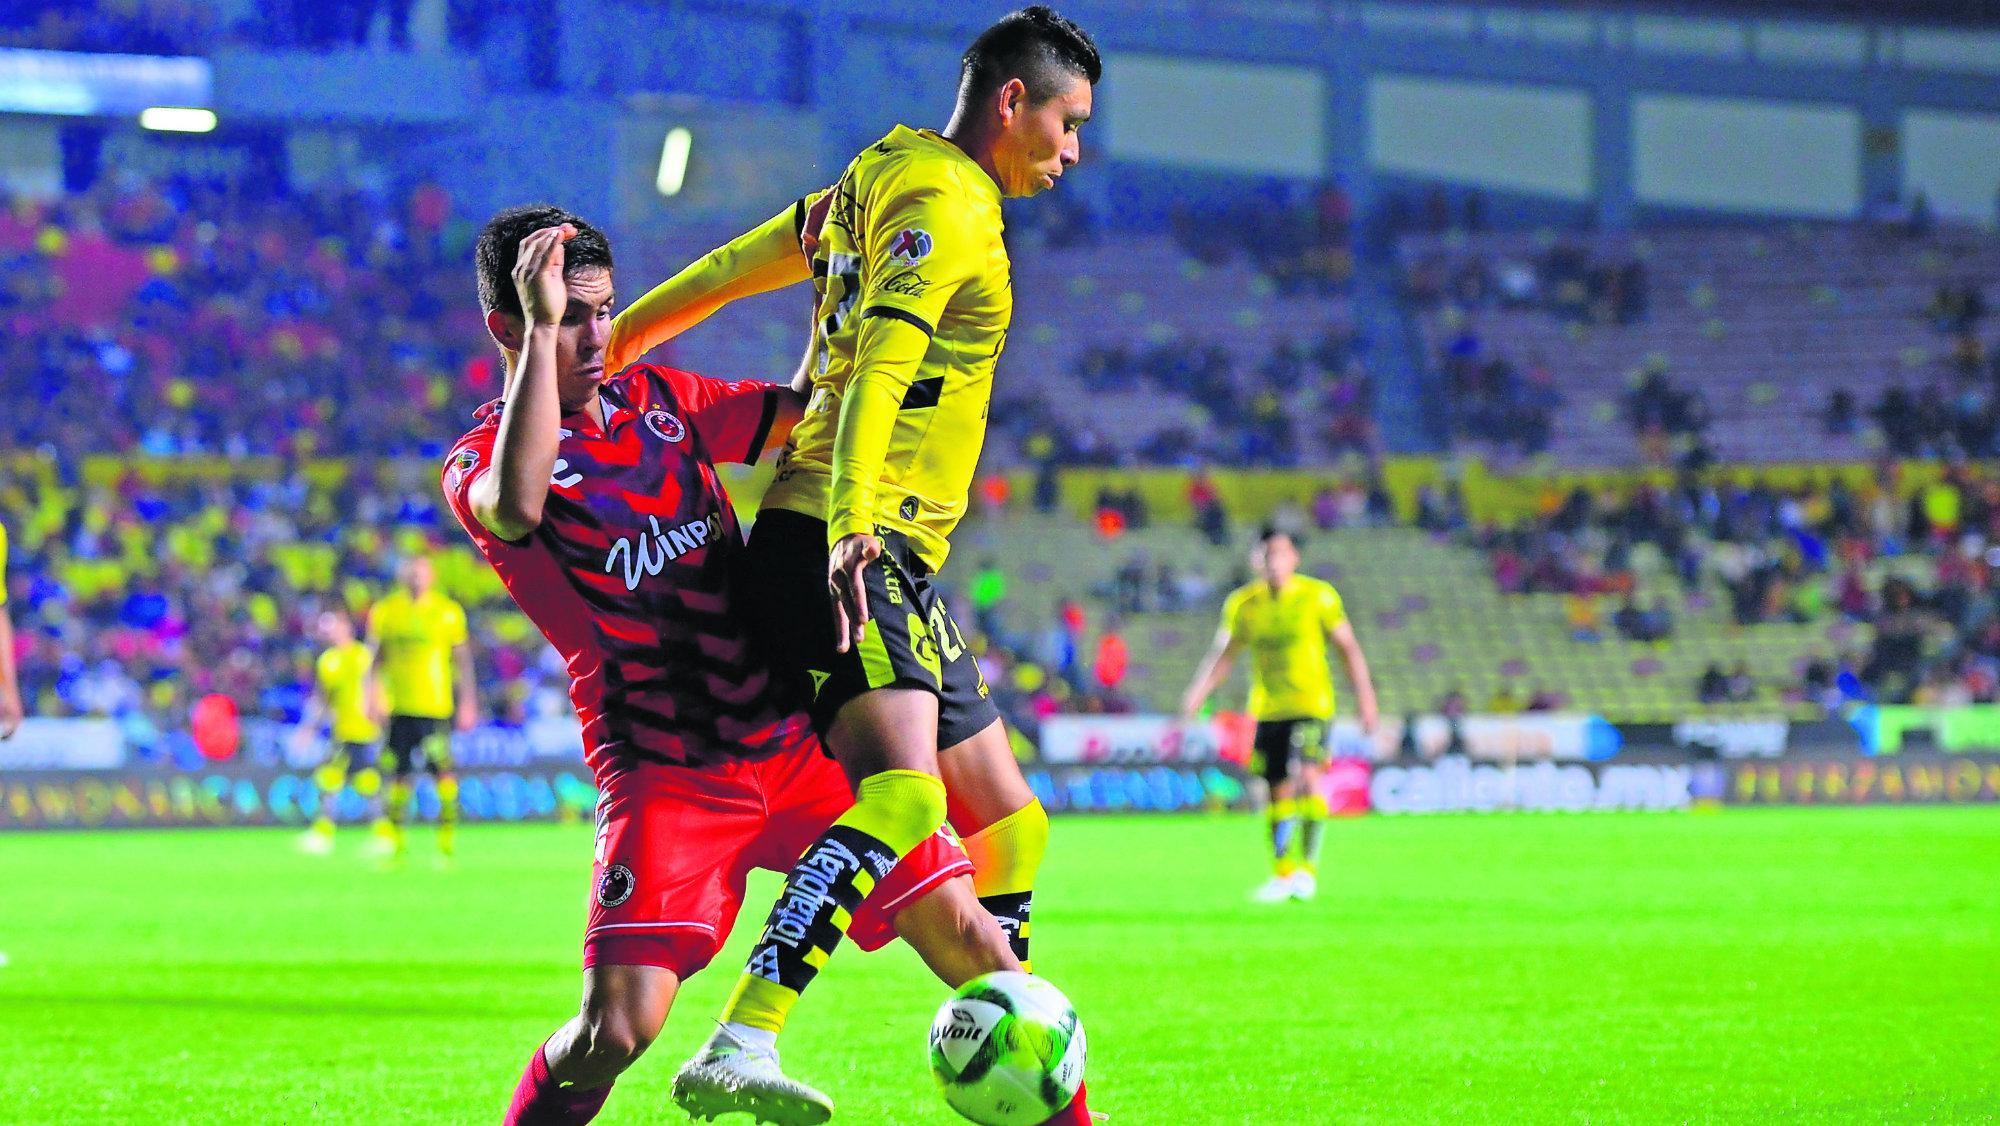 José Luis González tratará de romper mala racha de Tiburojes Rojos ante Monarcas